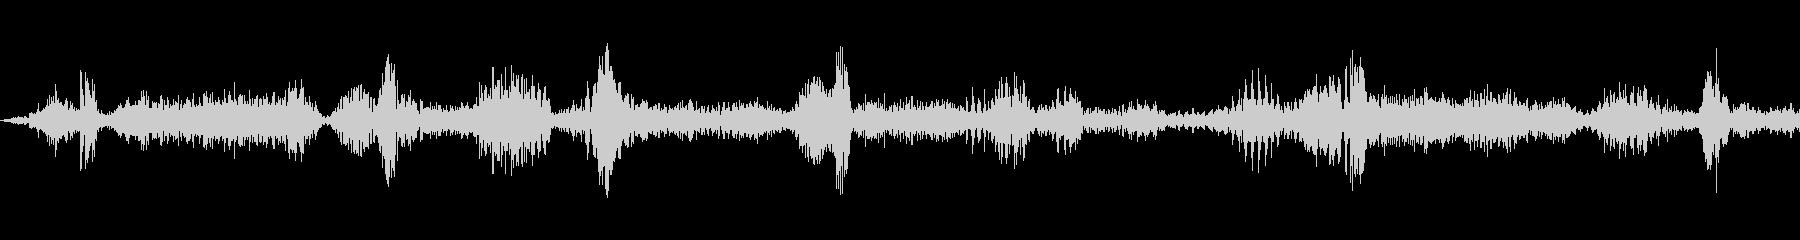 ラジオスキャン3の調整の未再生の波形